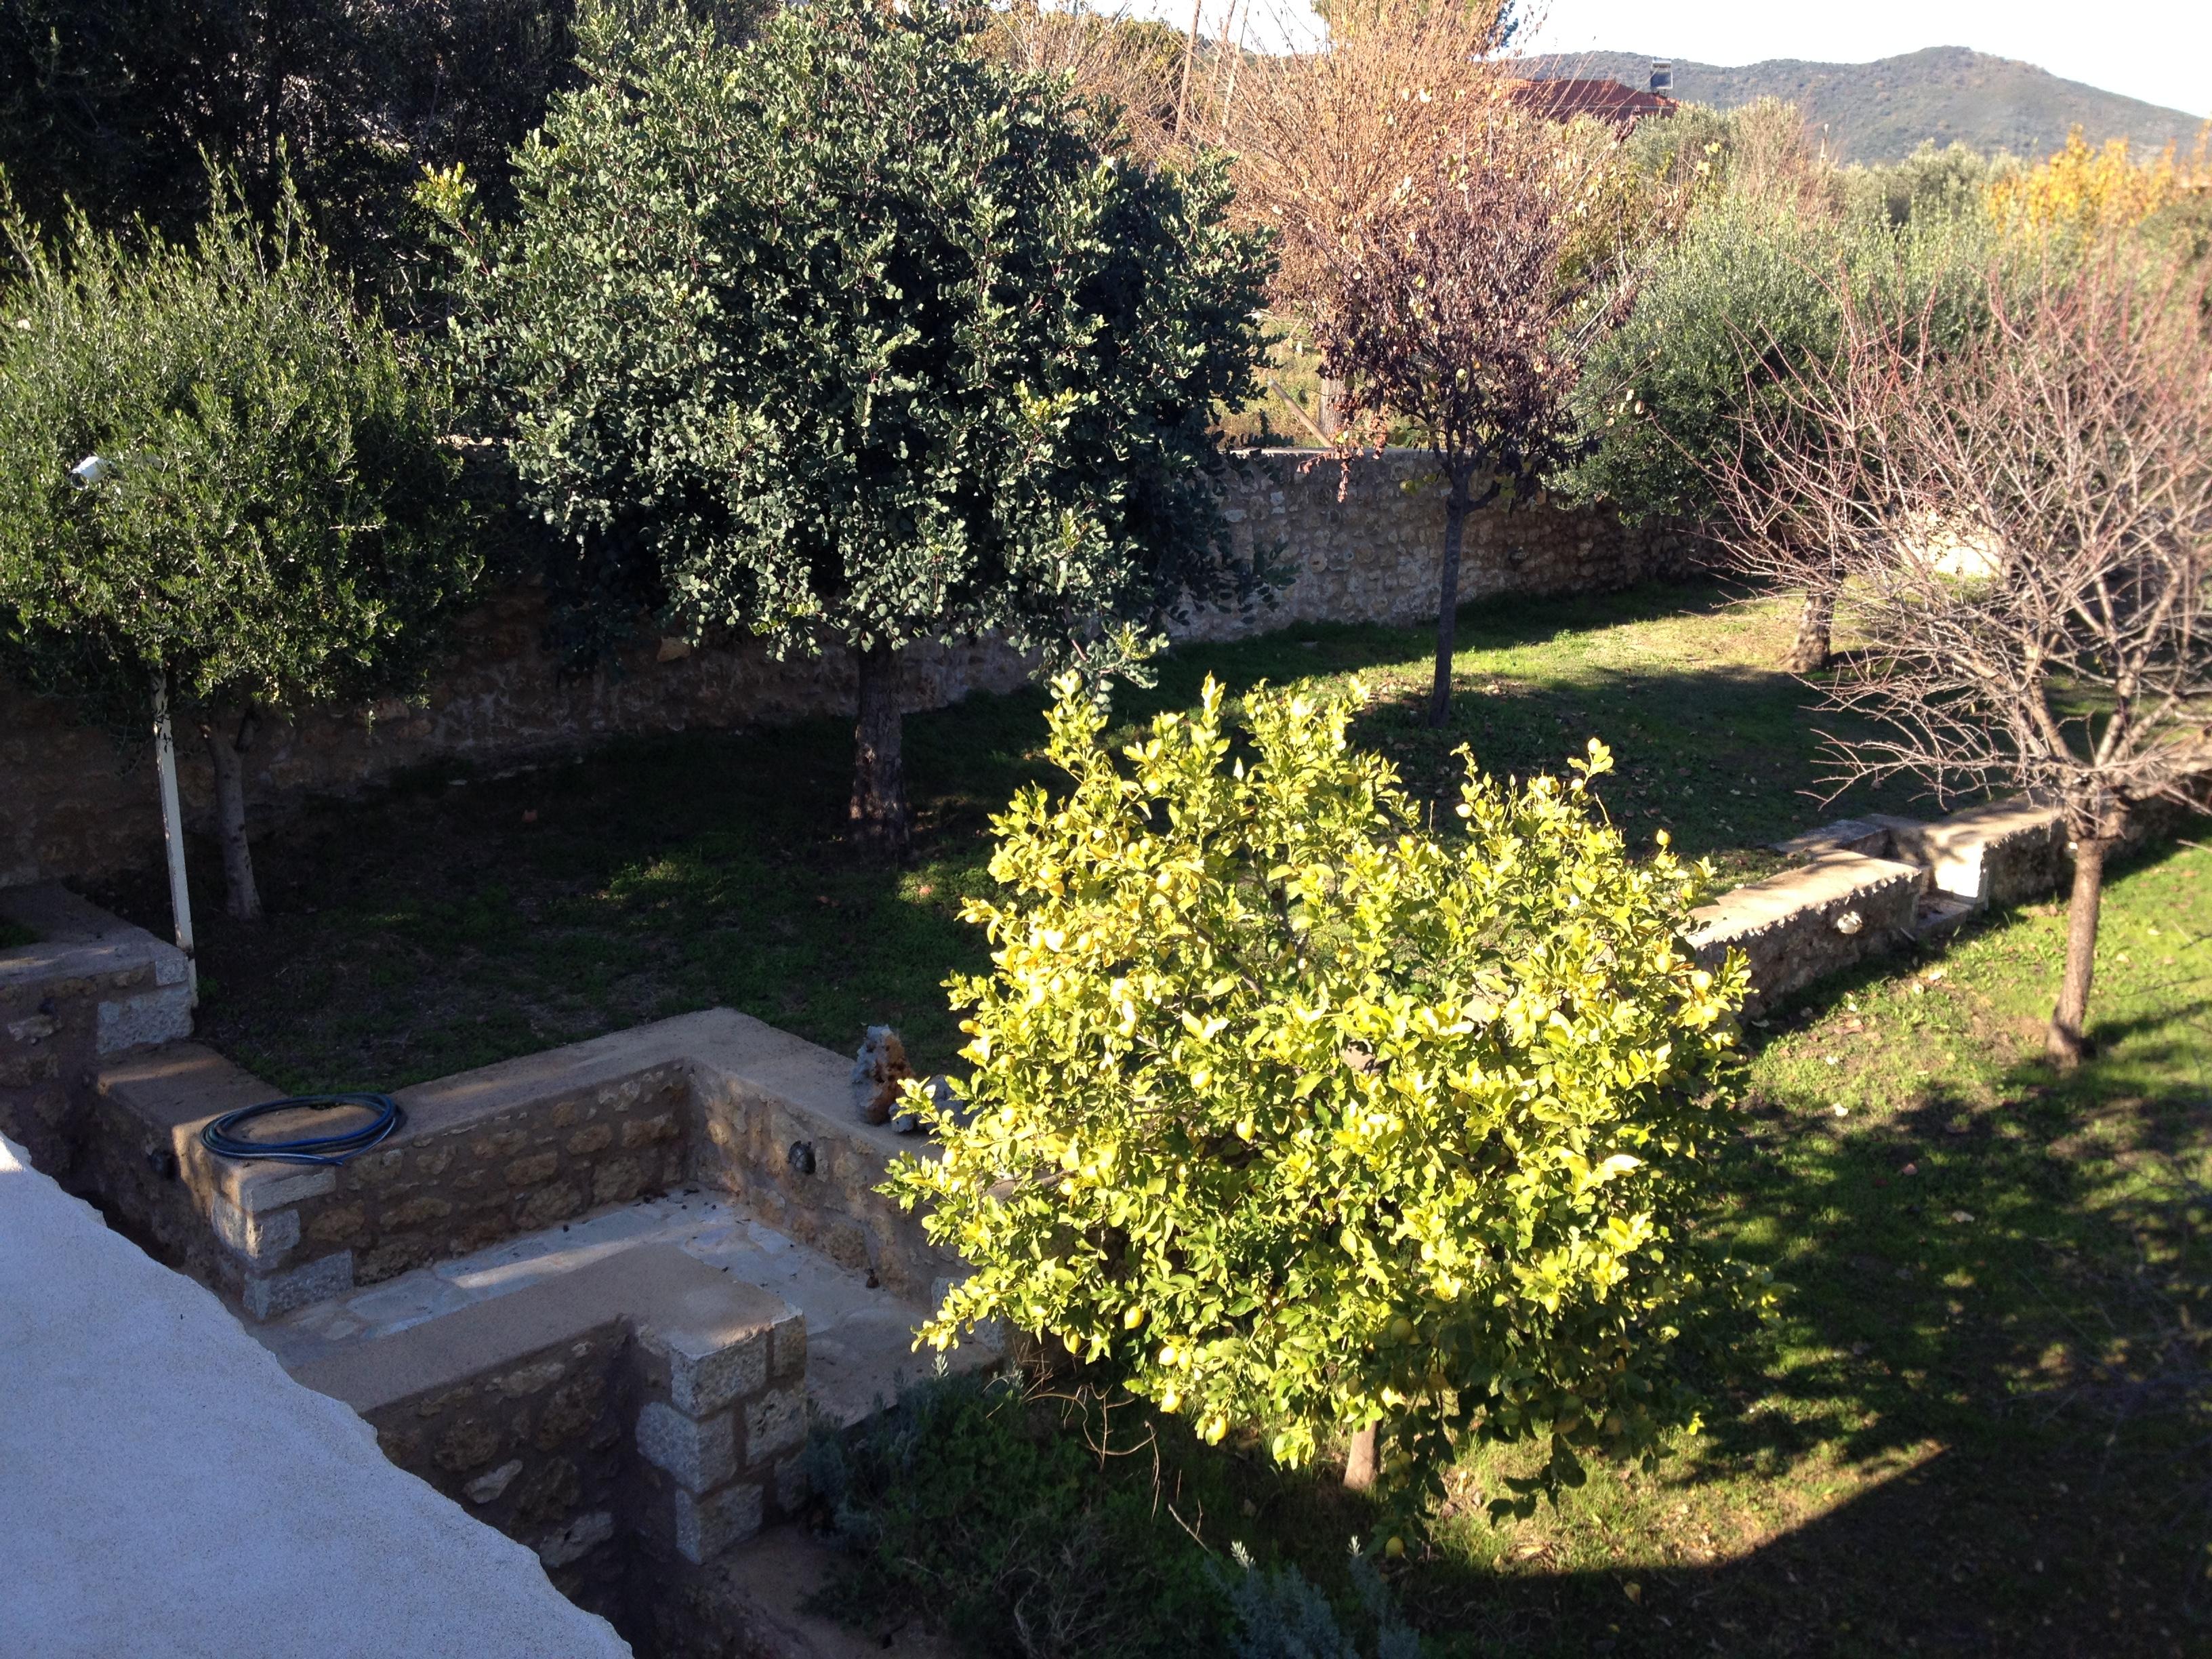 Διαμόρφωση κήπου - φύτευση - Μάνη